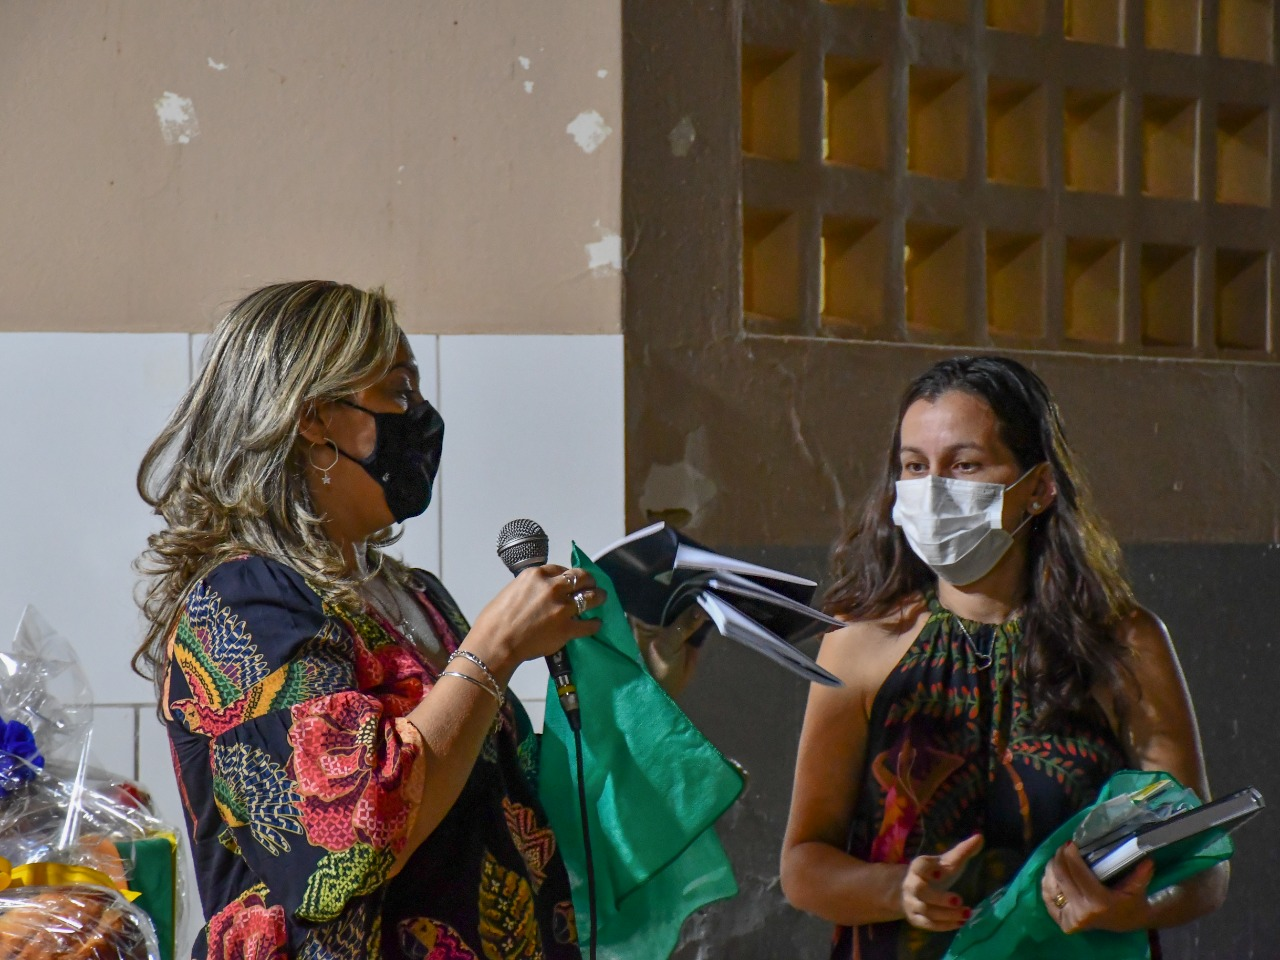 Foto: Foto: Josivan Vieira - ASCOM/PMC